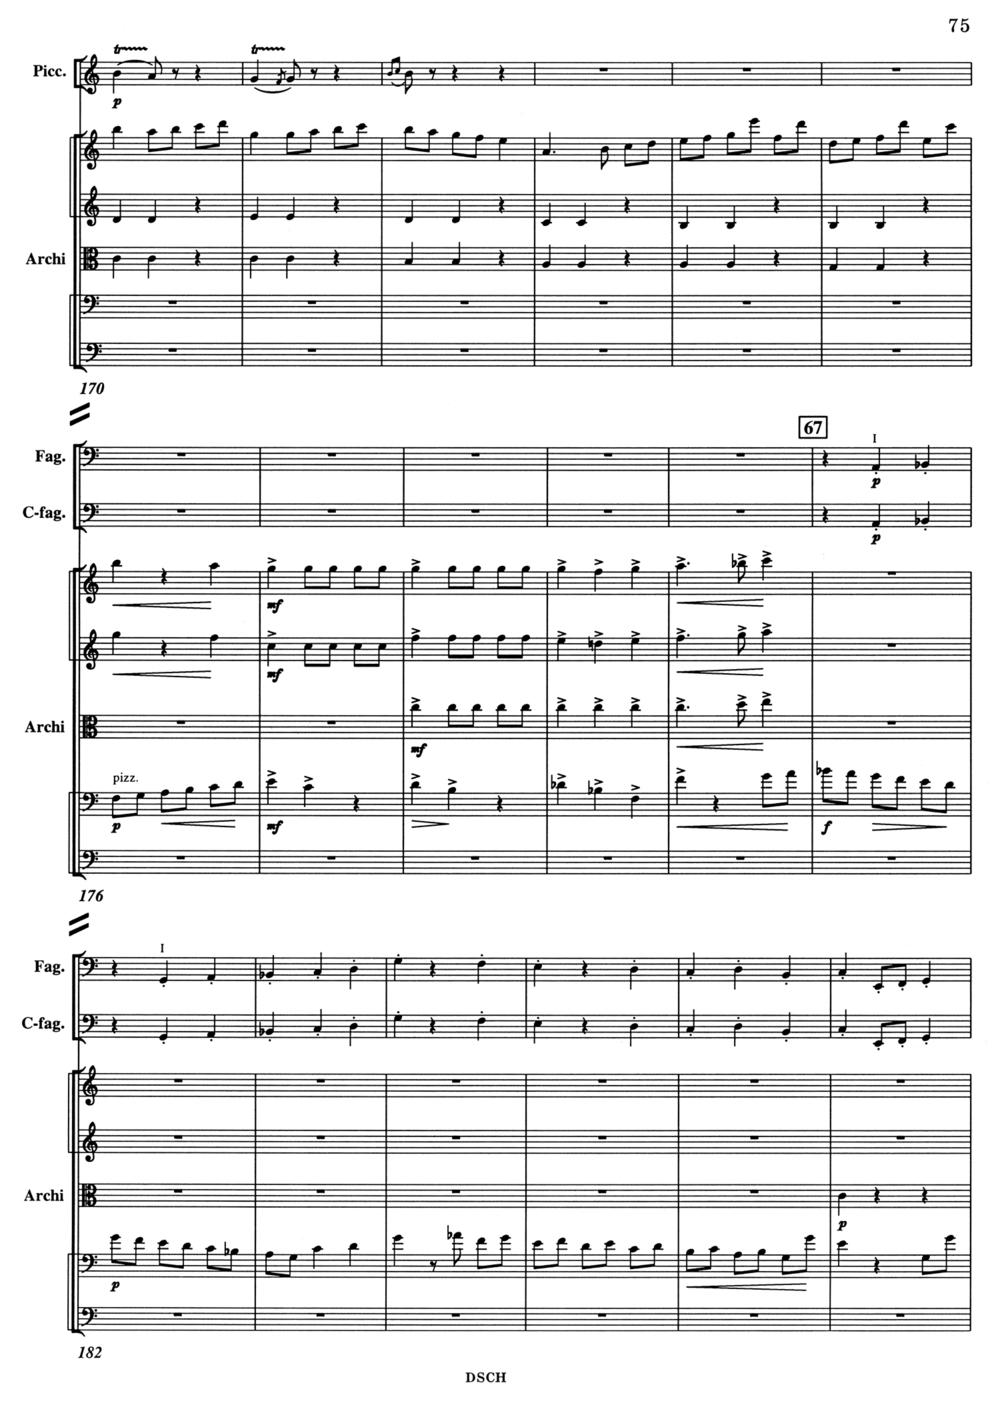 Shostakovich 5 Score 2.jpg